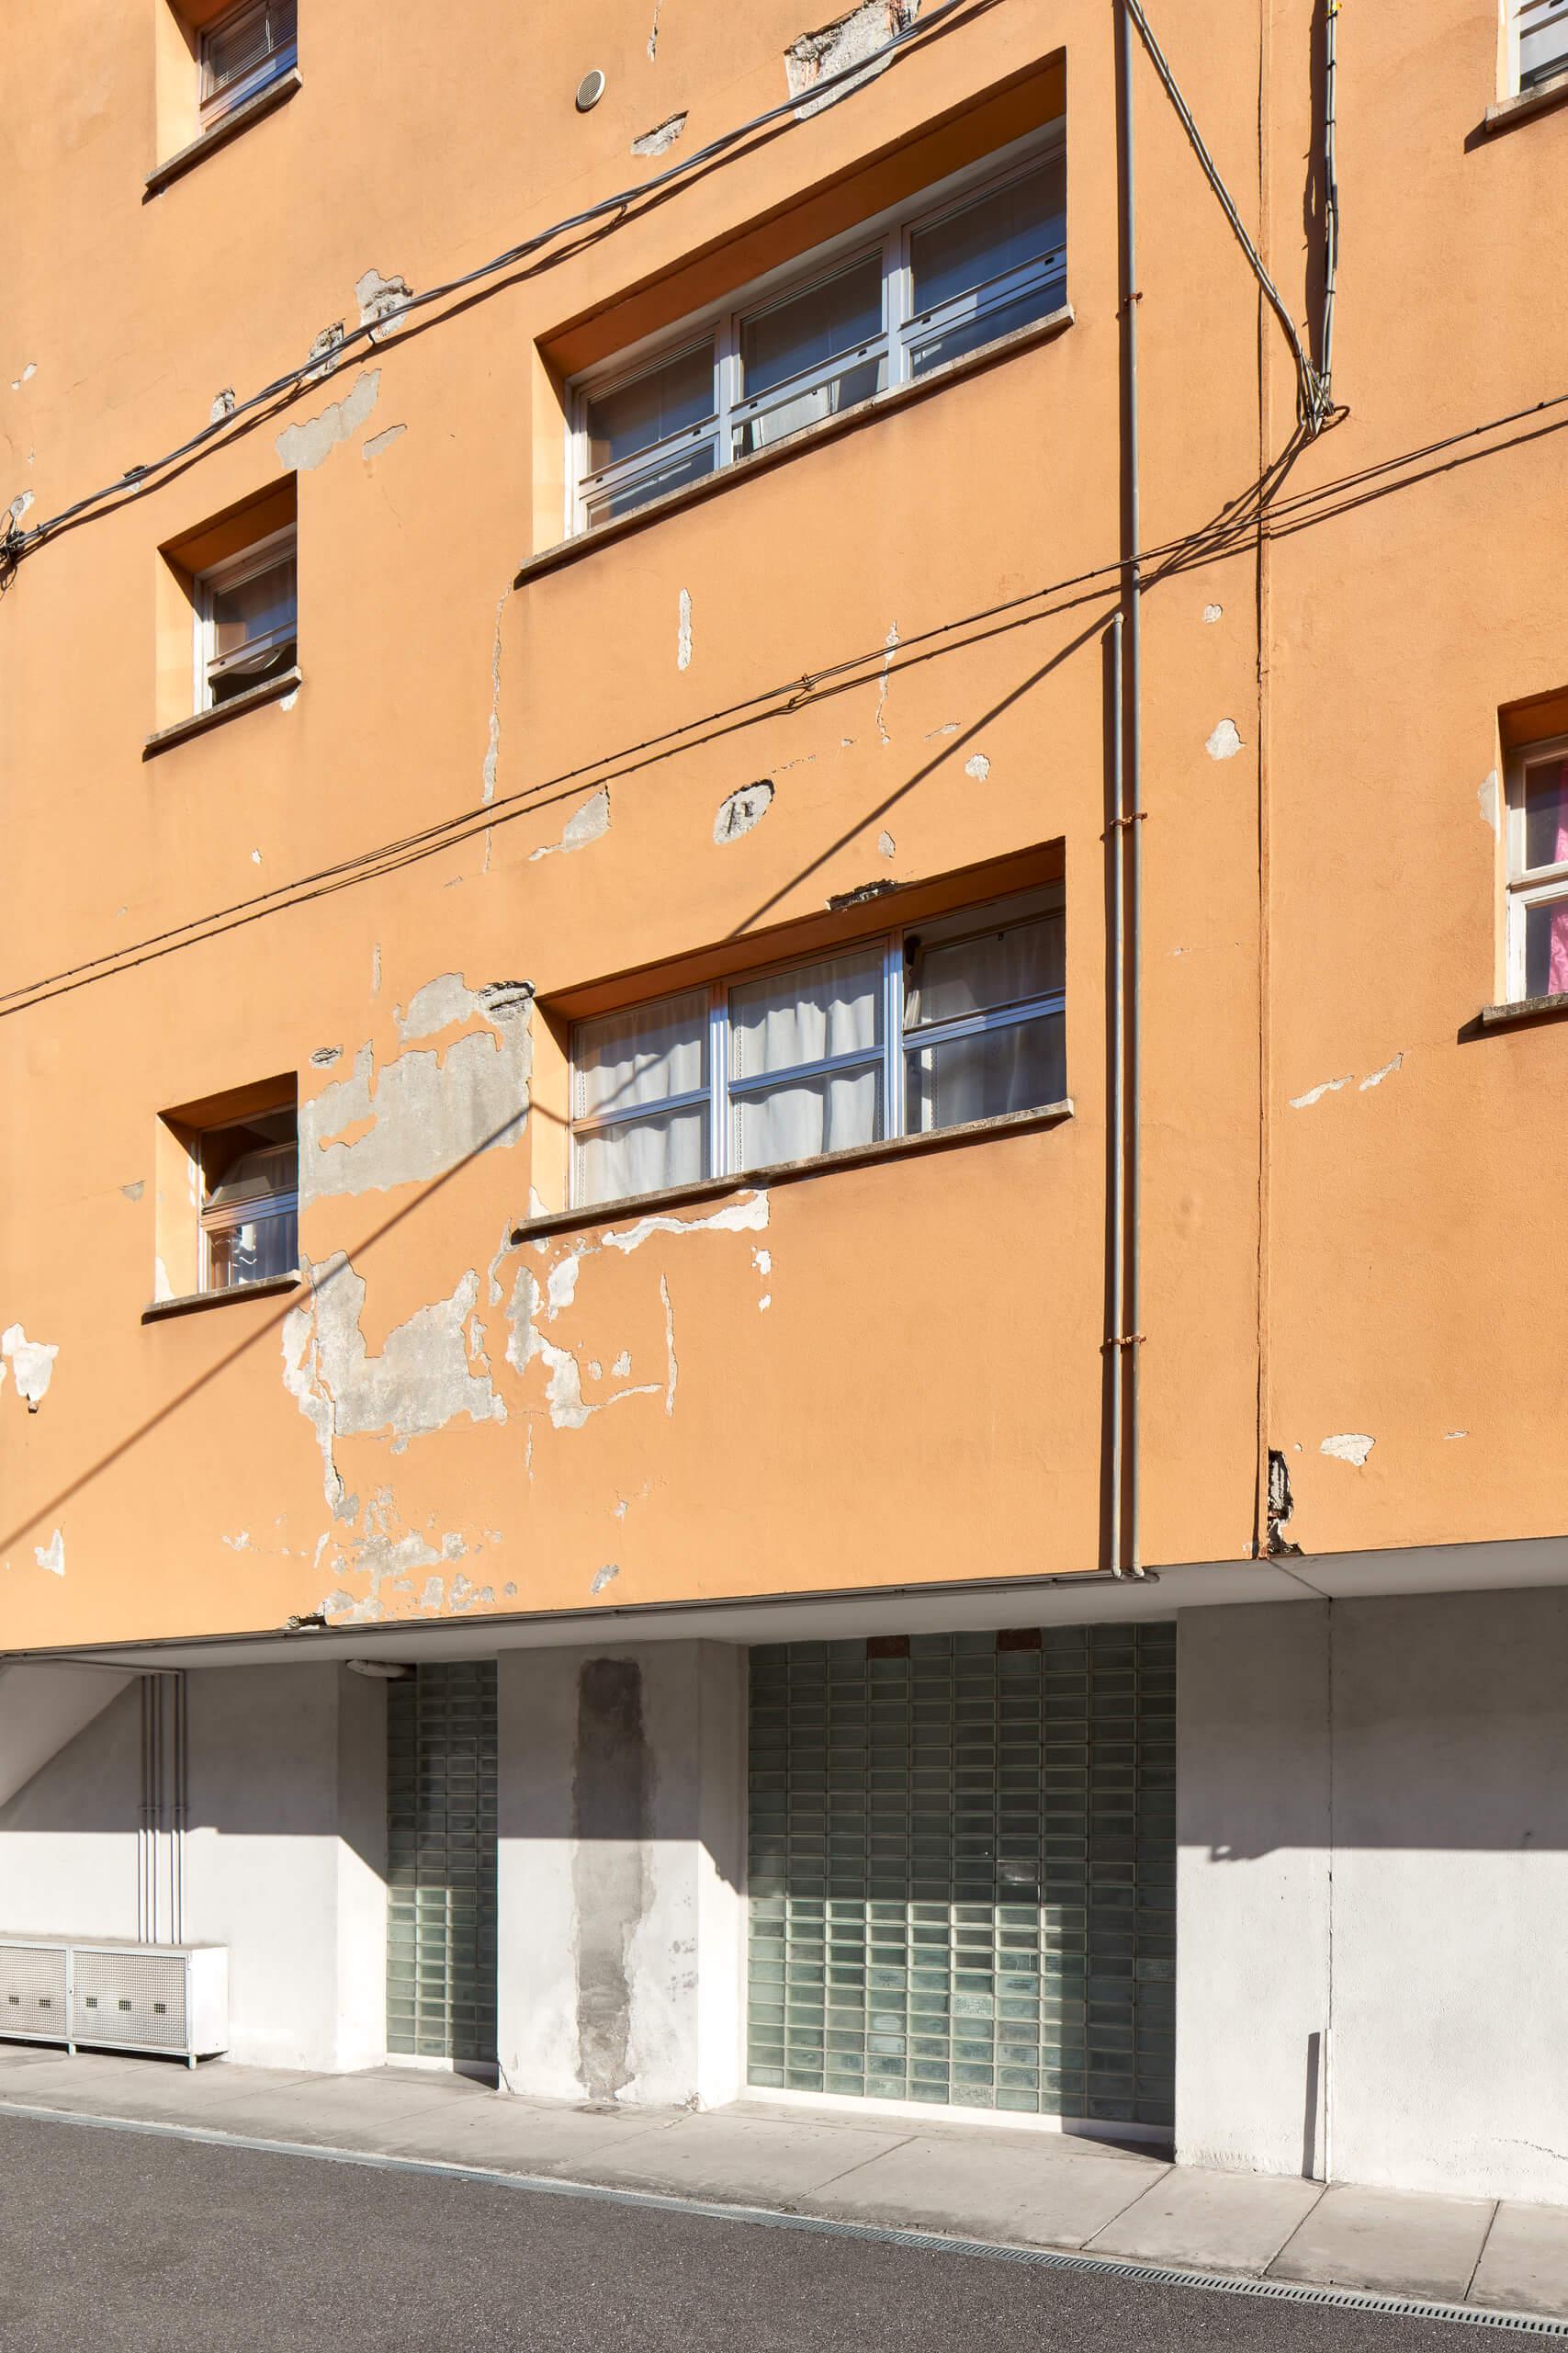 Federico_Covre_Casa_Popolare_Borgo_Olivetti_Figini_Pollini_1939-41_Ivrea_2020_10